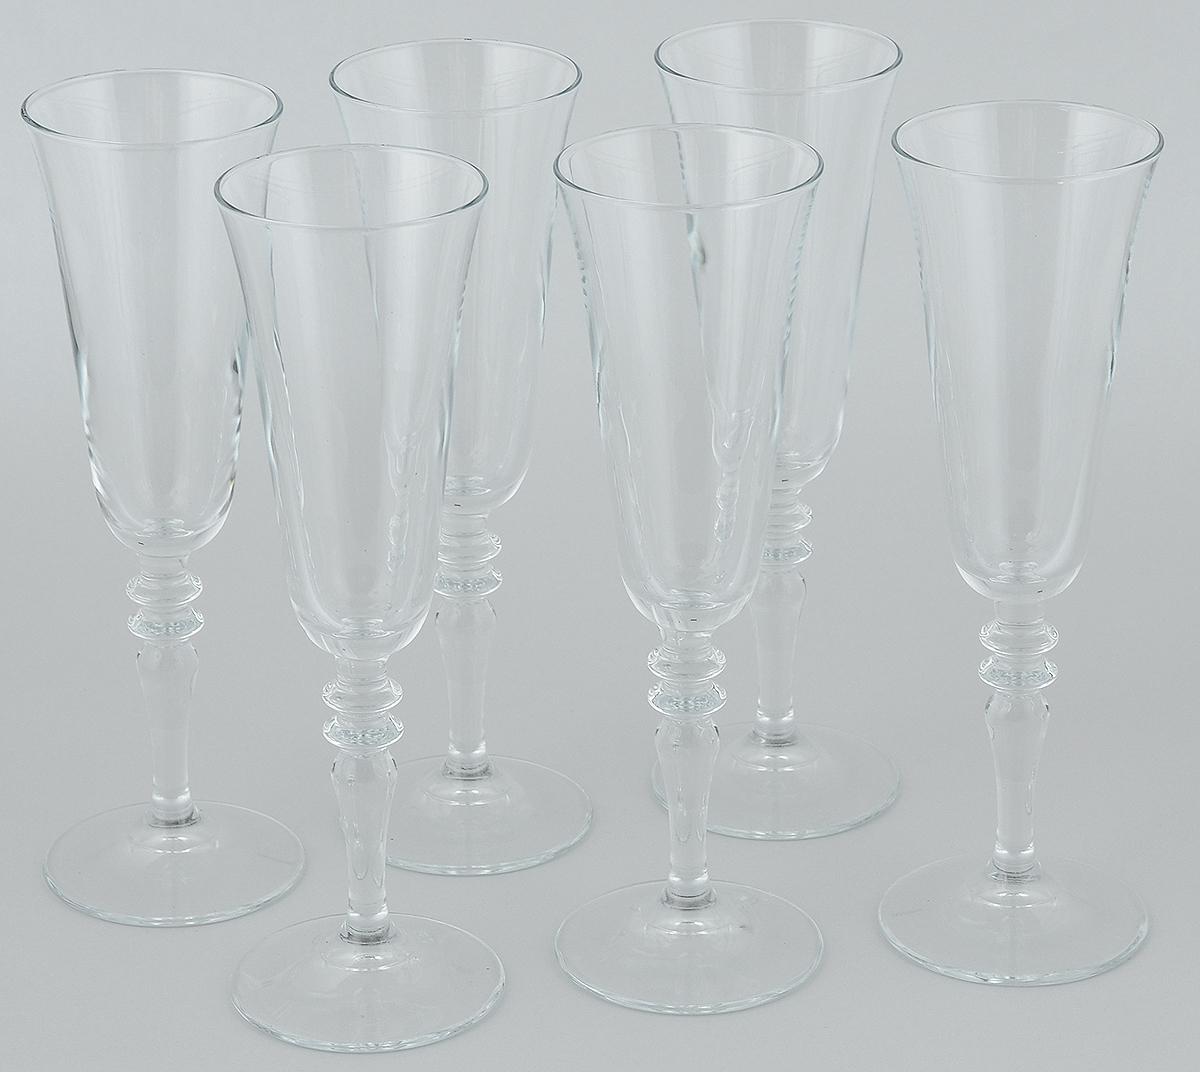 Набор бокалов Pasabahce Vintage, 190 мл, 6 штVT-1520(SR)Набор Pasabahce Vintage состоит из шести бокалов, выполненных из прочного натрий-кальций-силикатного стекла. Изделия оснащены высокими ножками и предназначены для подачи вина. Они сочетают в себе элегантный дизайн и функциональность. Набор бокалов Pasabahce Vintage прекрасно оформит праздничный стол и создаст приятную атмосферу за романтическим ужином. Такой набор также станет хорошим подарком к любому случаю.Высота бокала: 23 см.Диаметр бокала: 7 см.